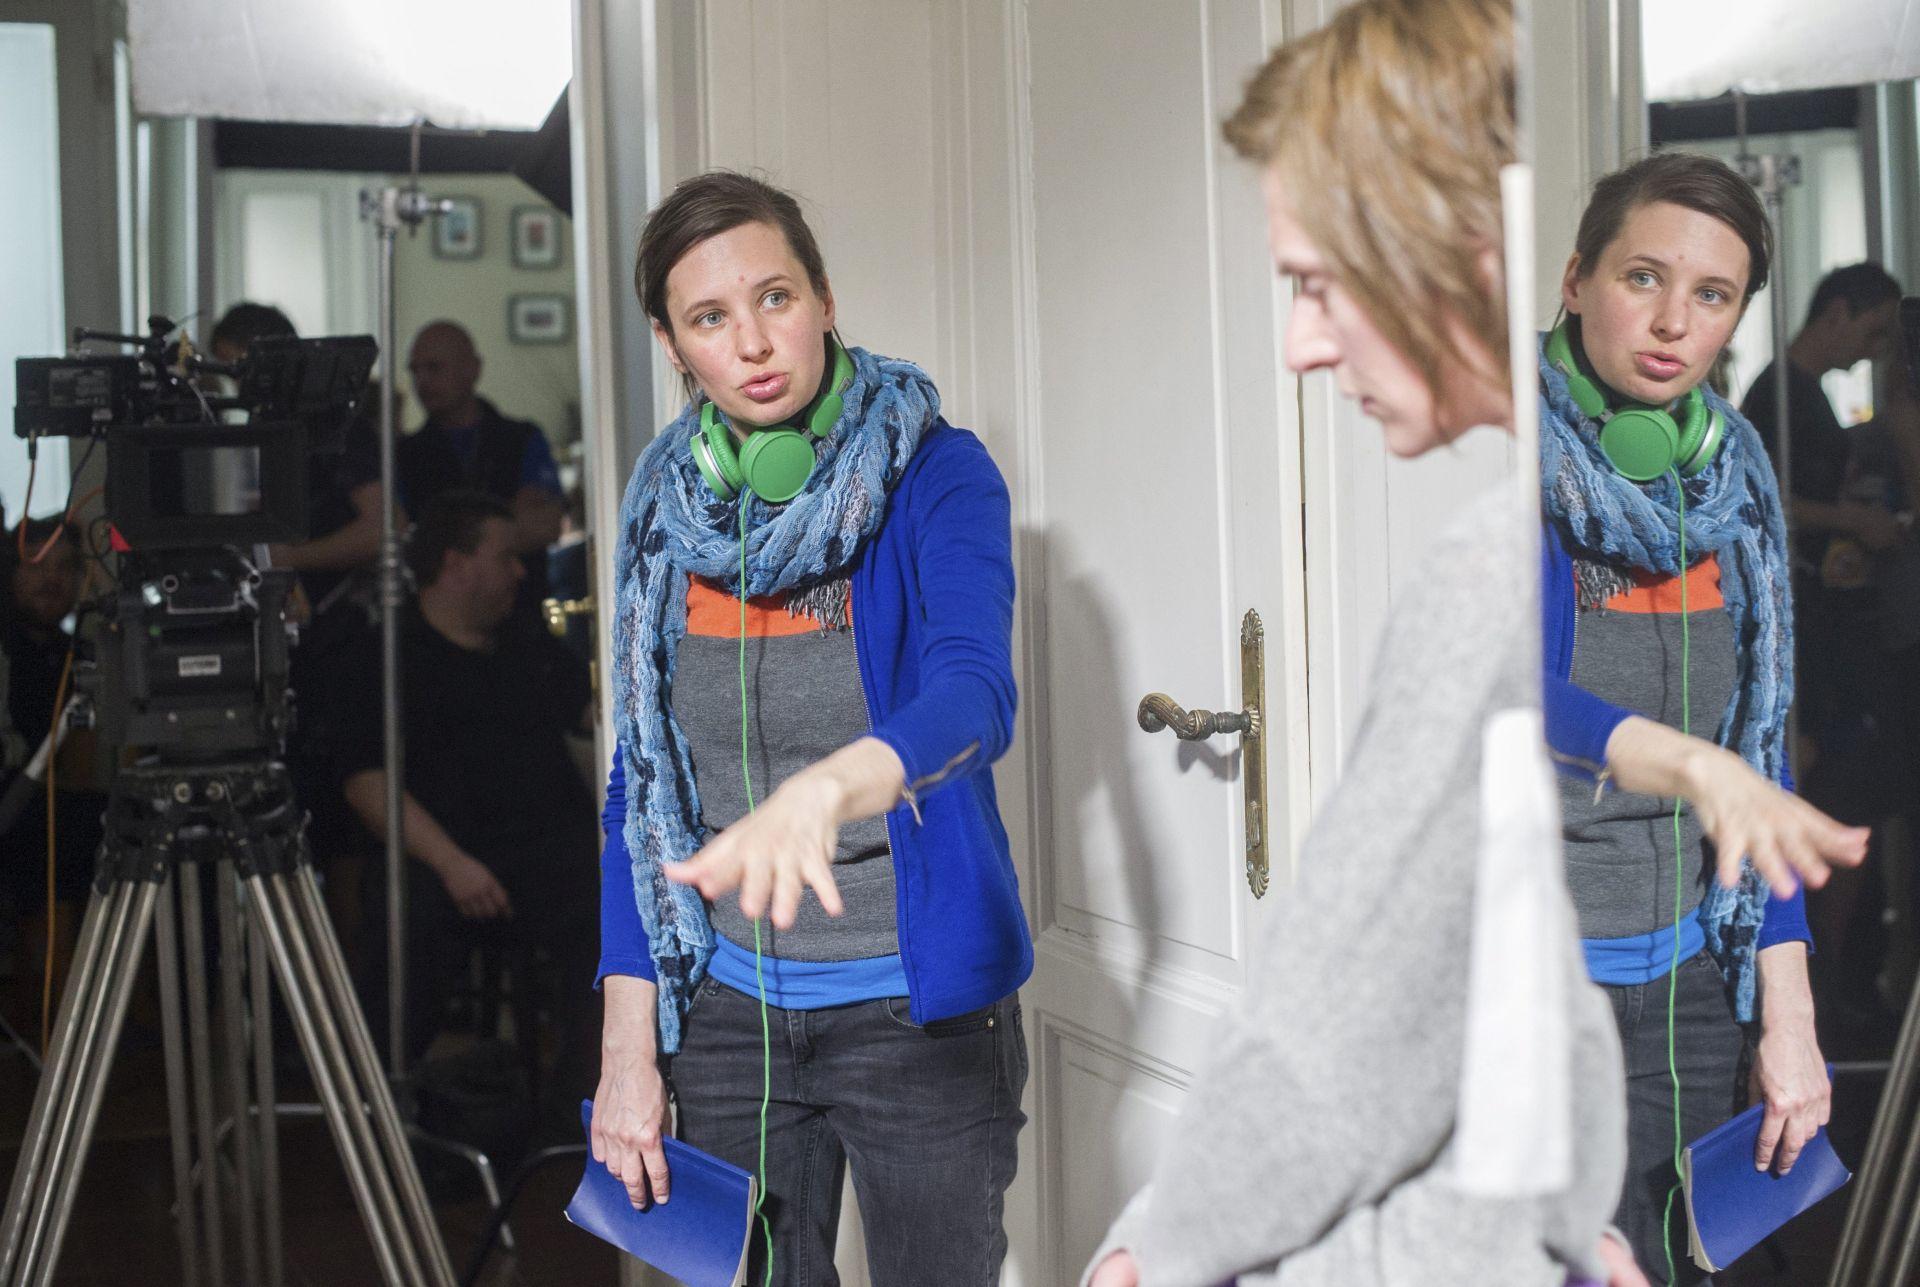 A kormánynak üzent beszédében a szarajevói filmfesztiválon versenyző Szilágyi Zsófia